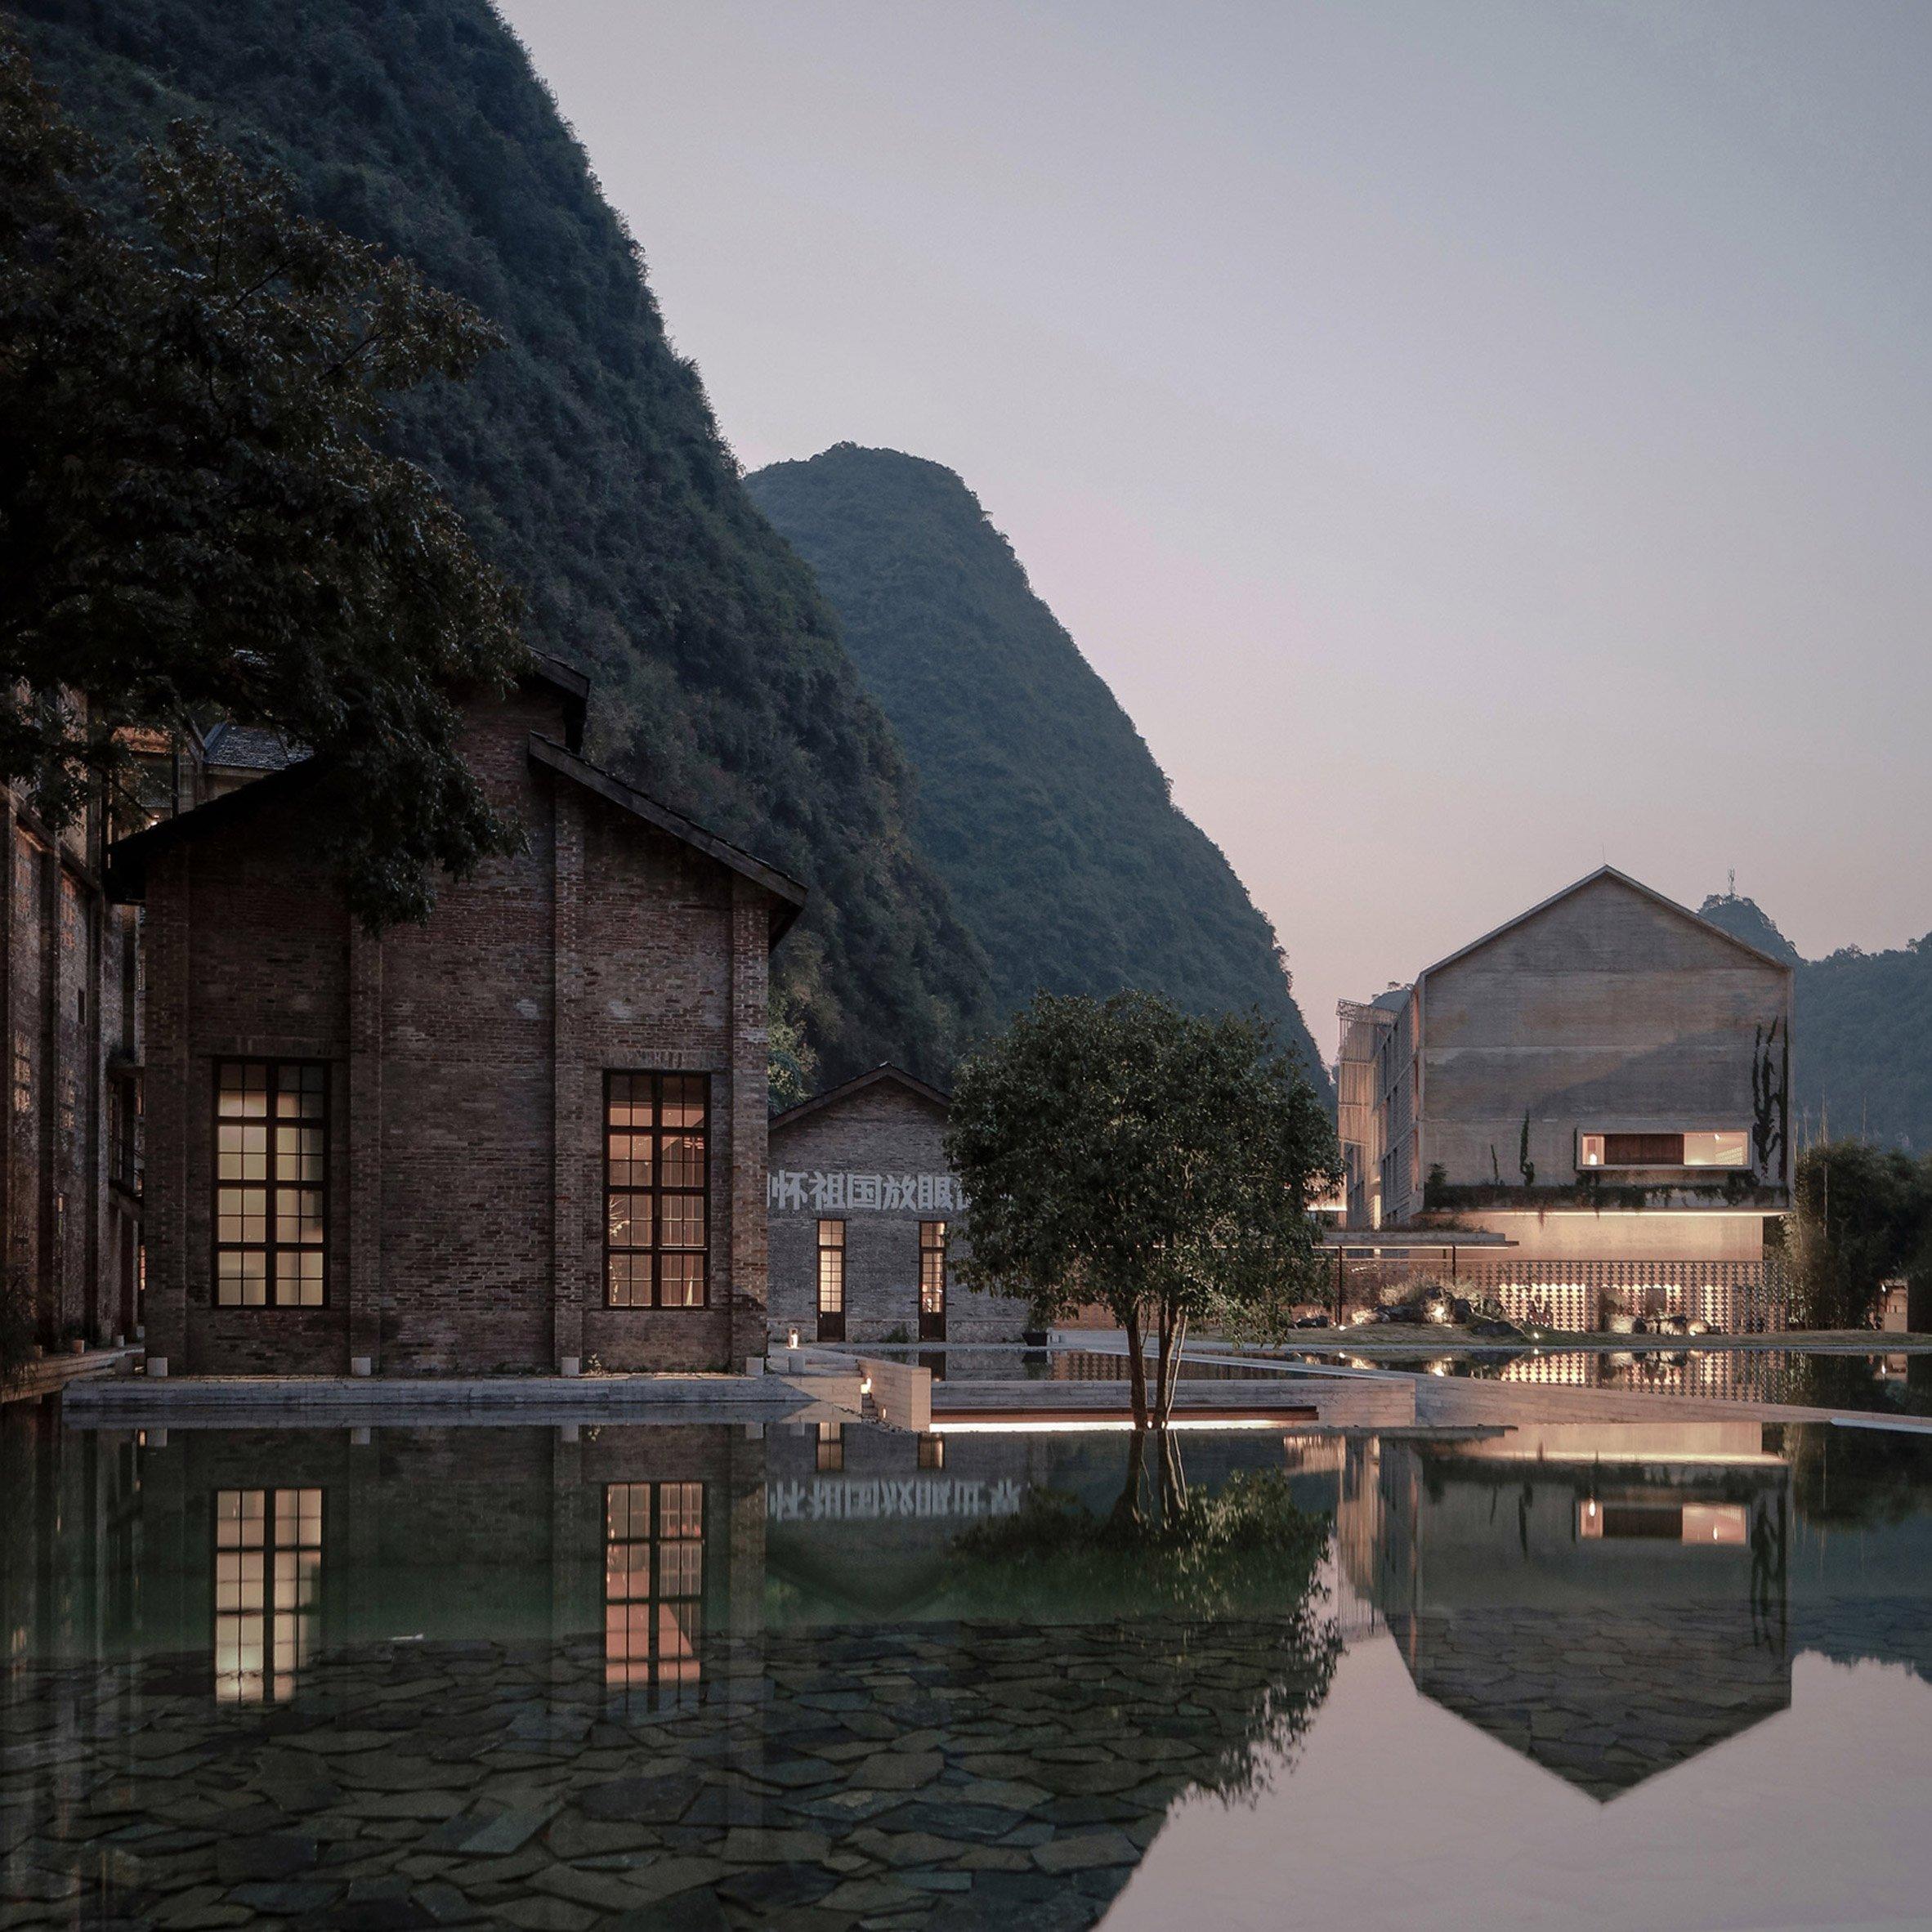 Dezeen's top 10 hotels of 2017